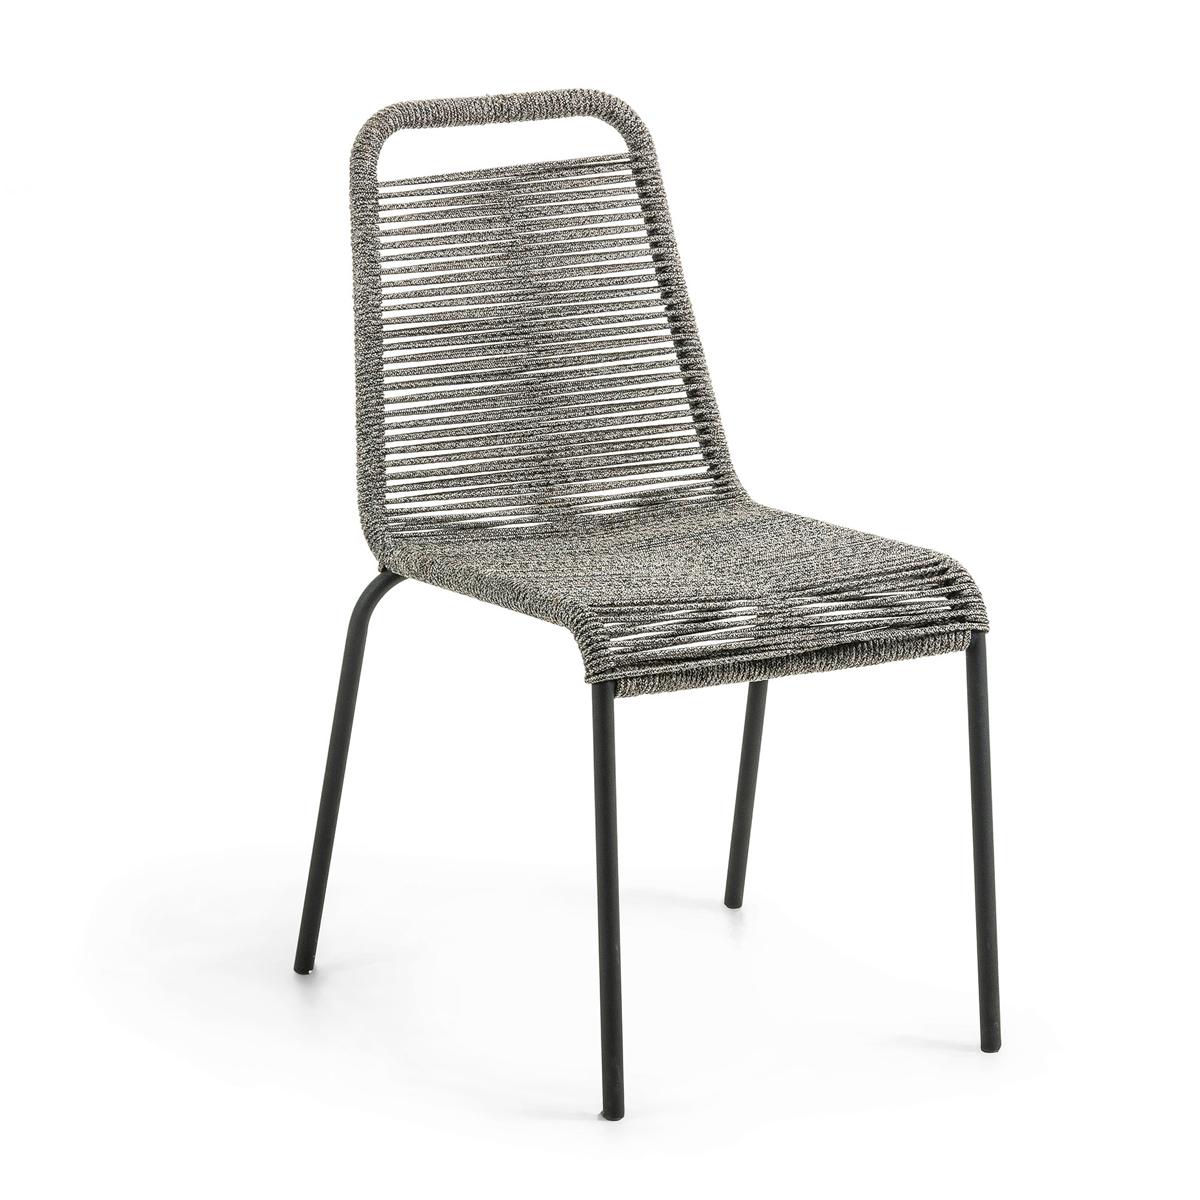 Lot de 4 chaises avec structure en acier galvanisé et corde - Gris - 55 x h 84 cm